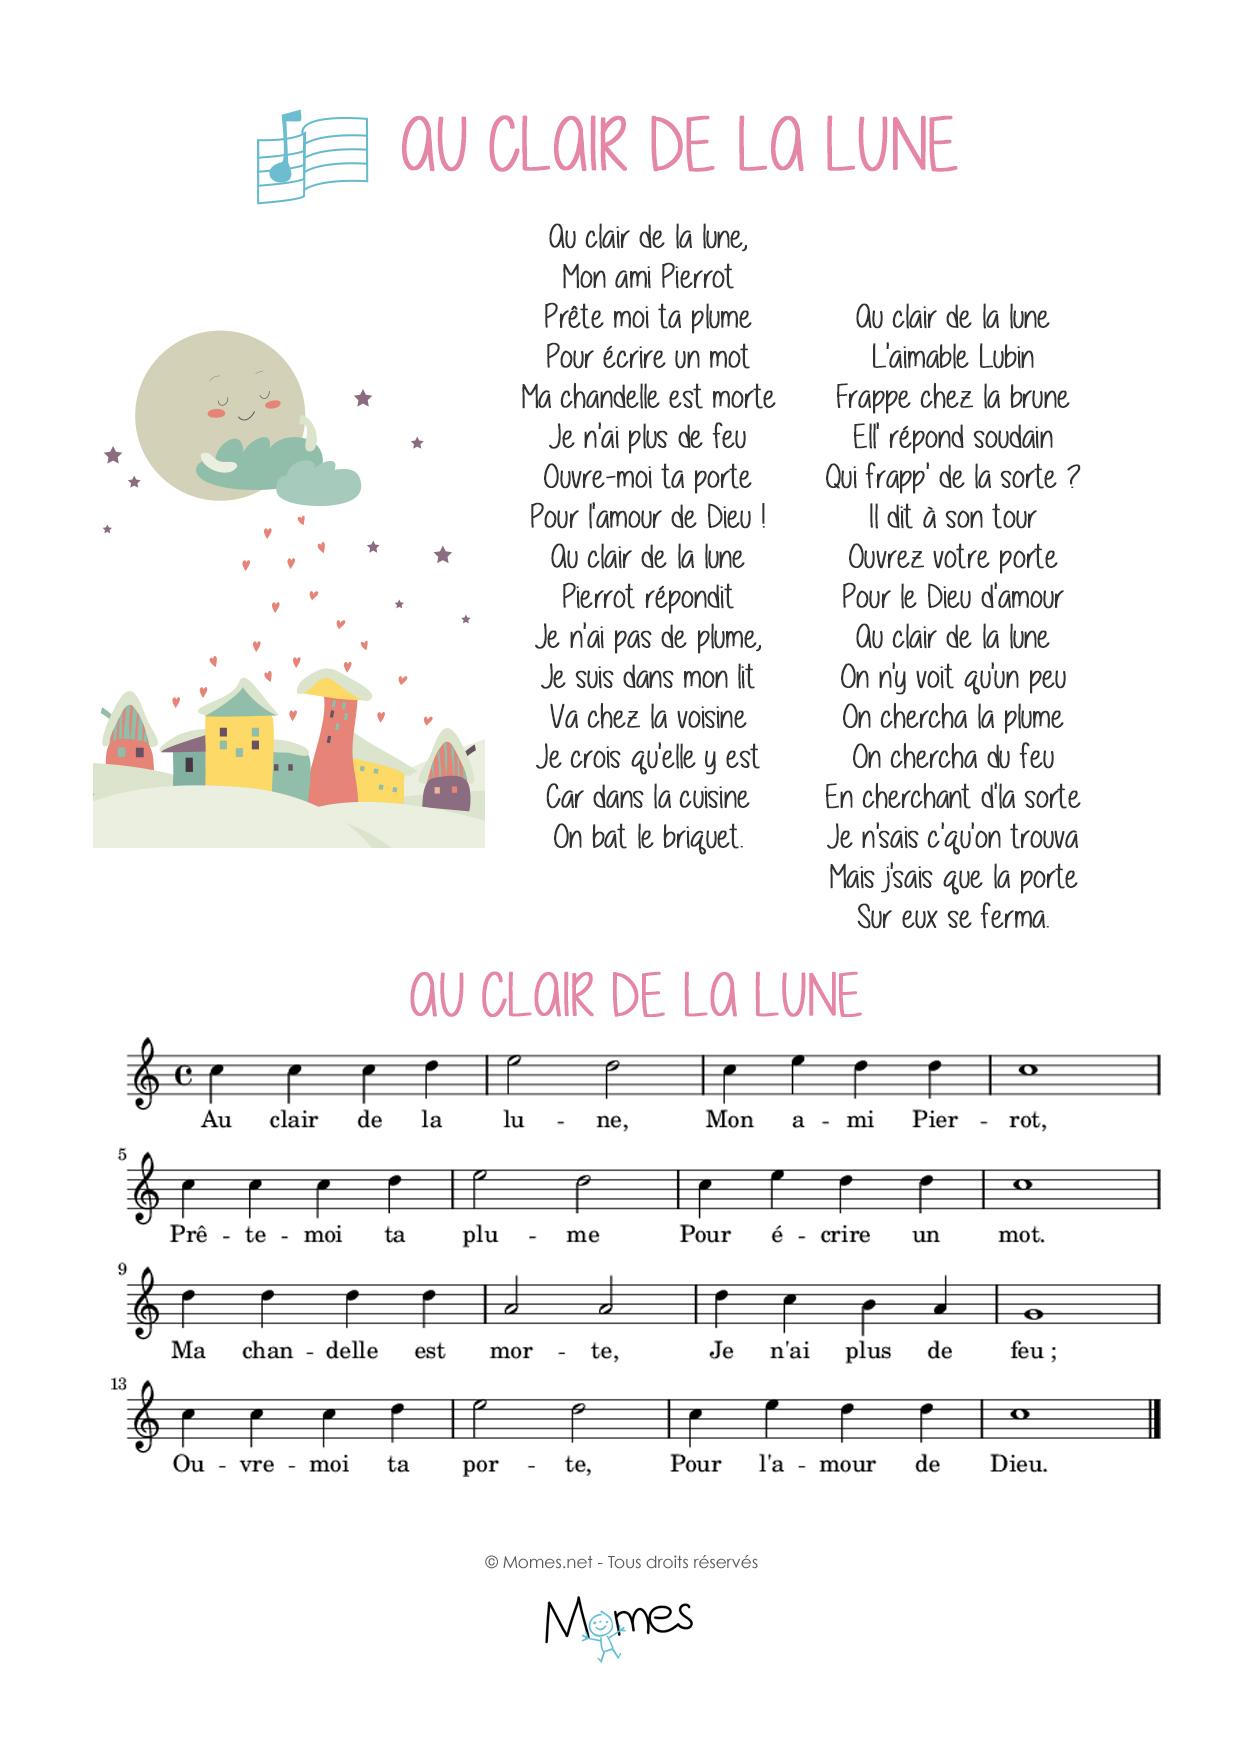 Au Clair De La Lune - Momes concernant Clair De La Lune Lyrics